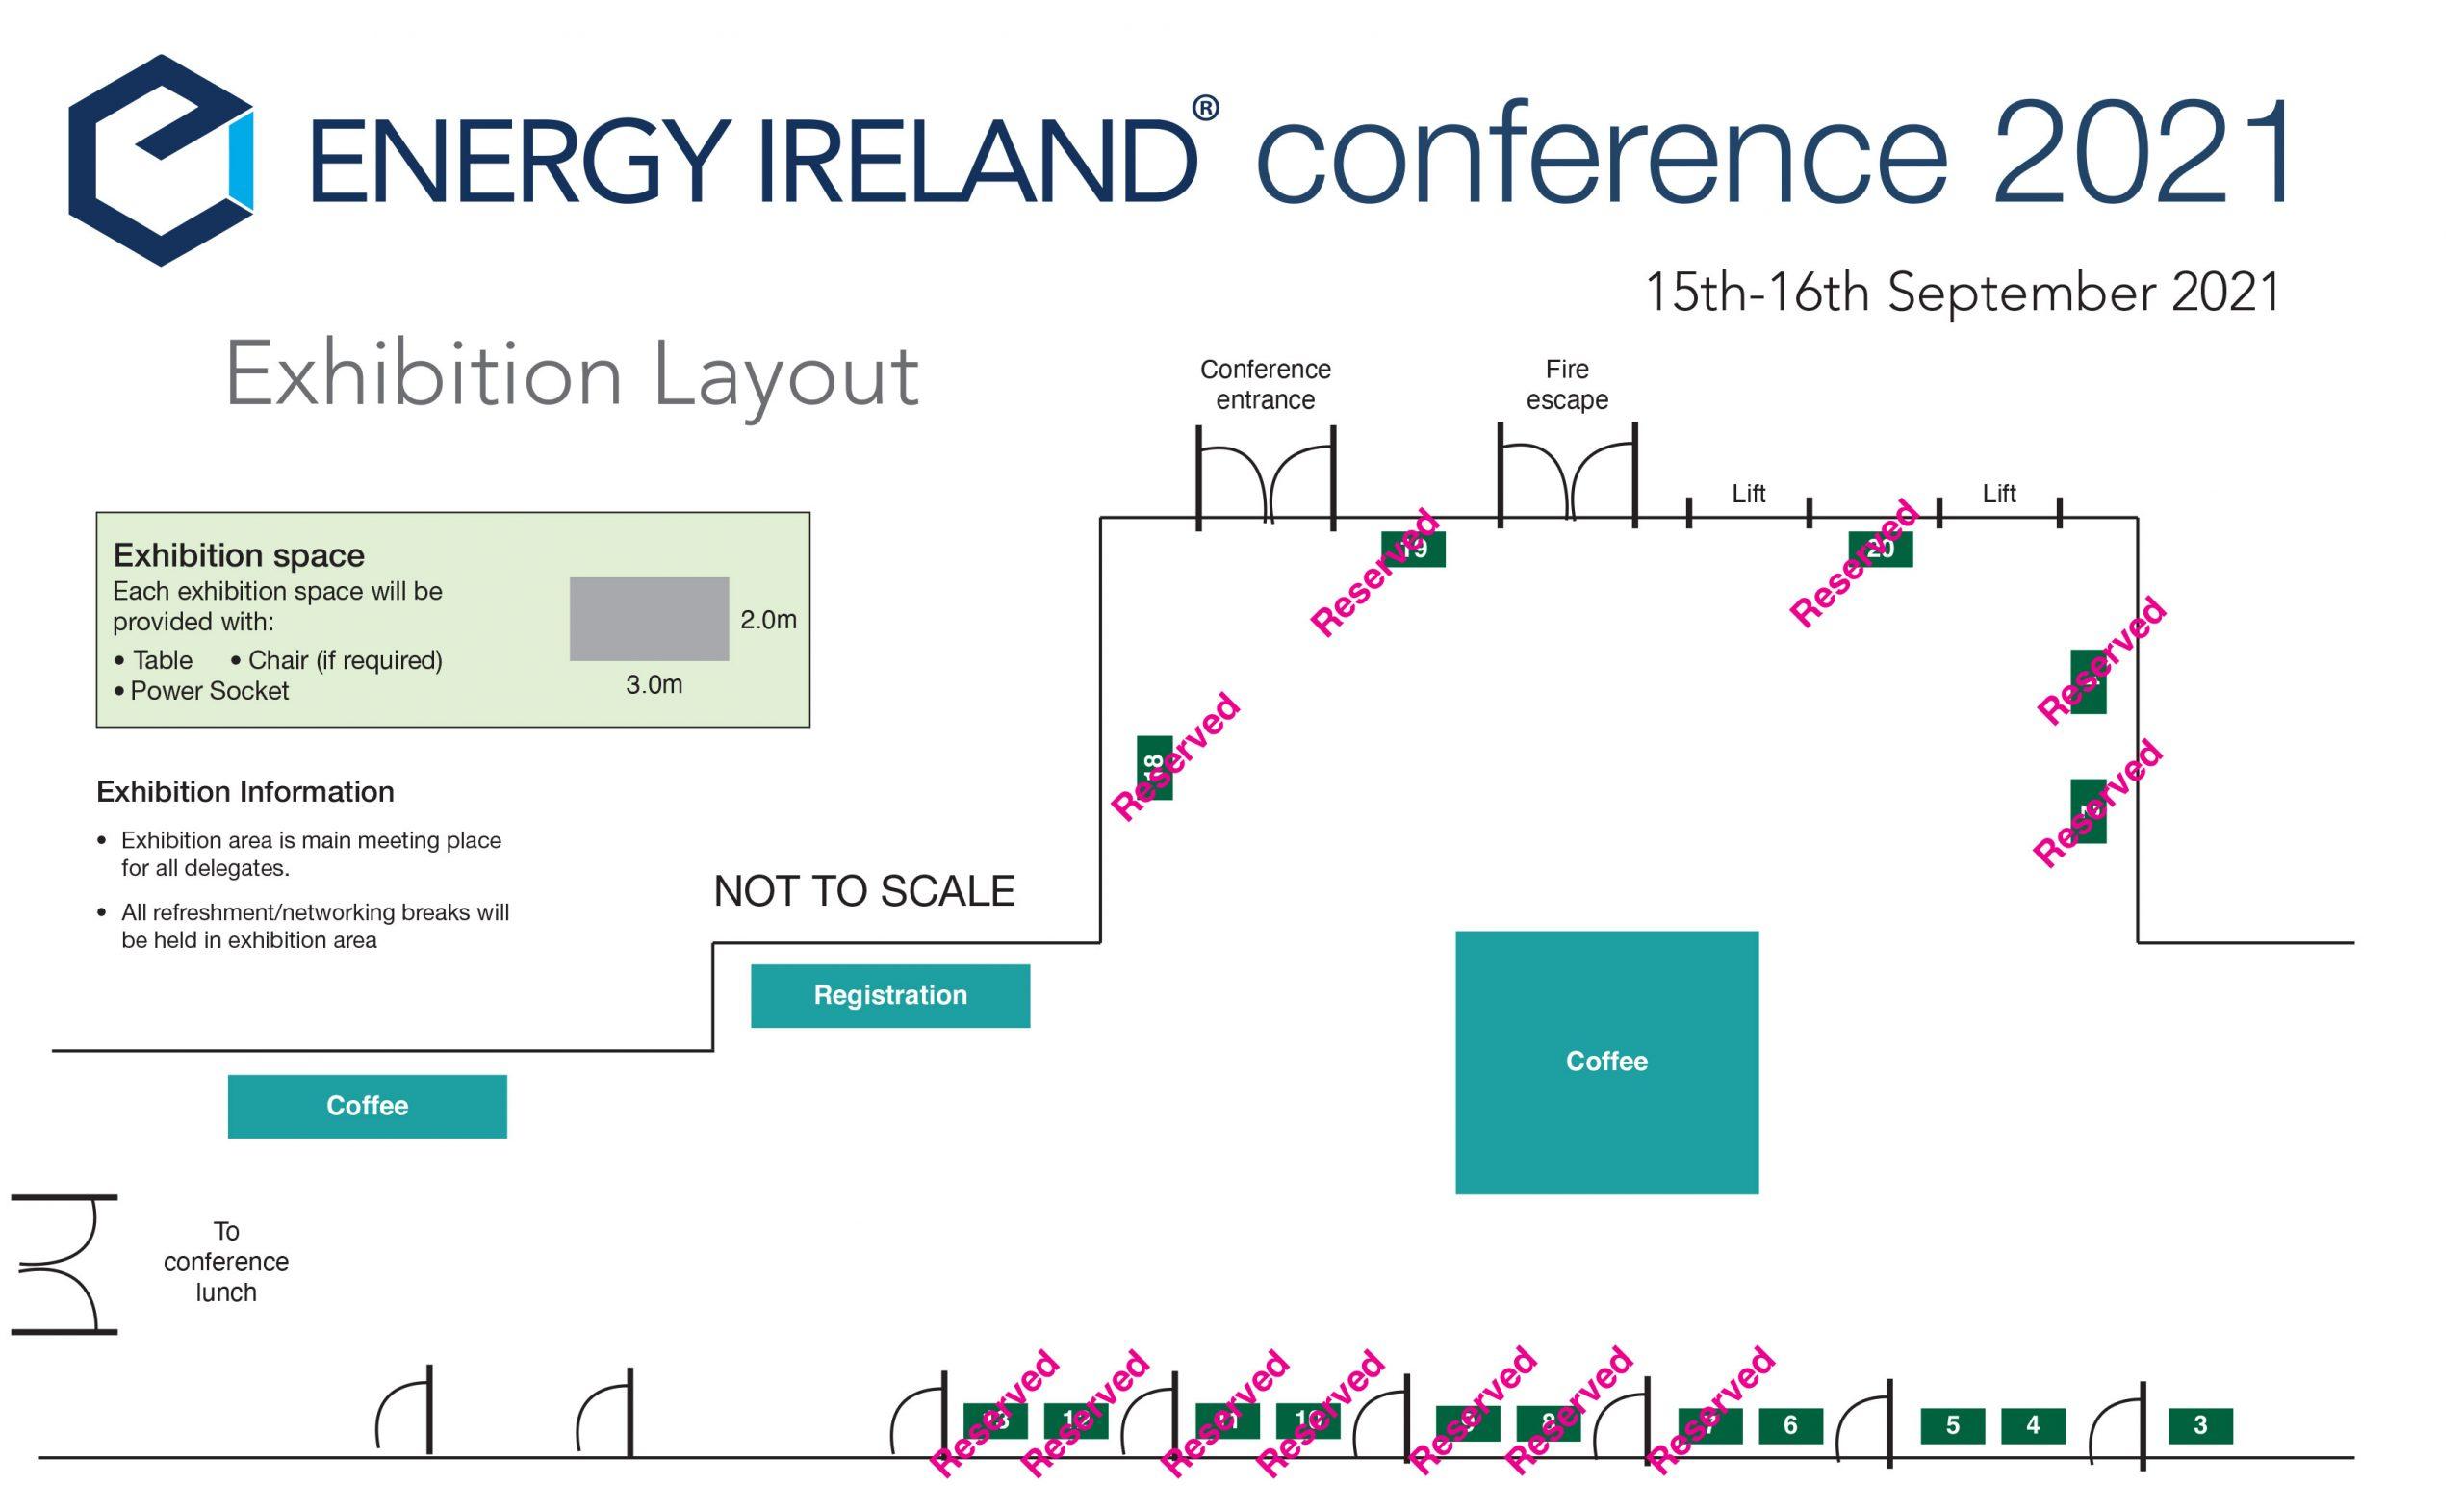 Energy Ireland 2021